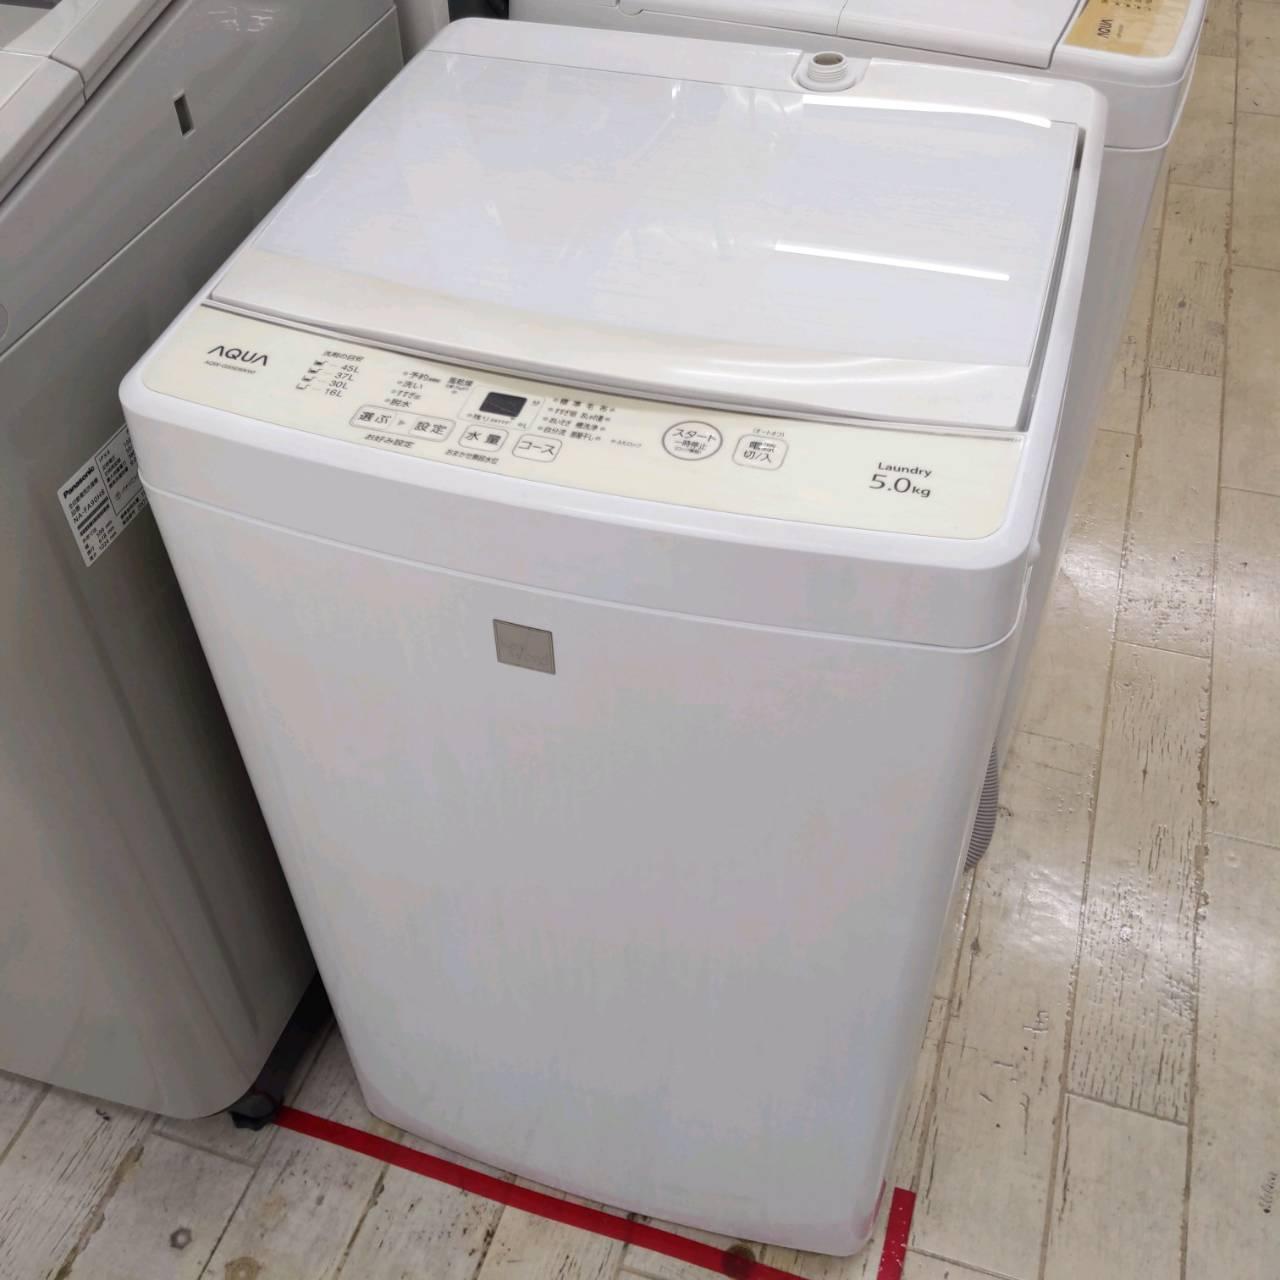 【2019年製 Haier 5.0kg 洗濯機 ナチュラルウッド風カラー】を買い取りました!の買取-